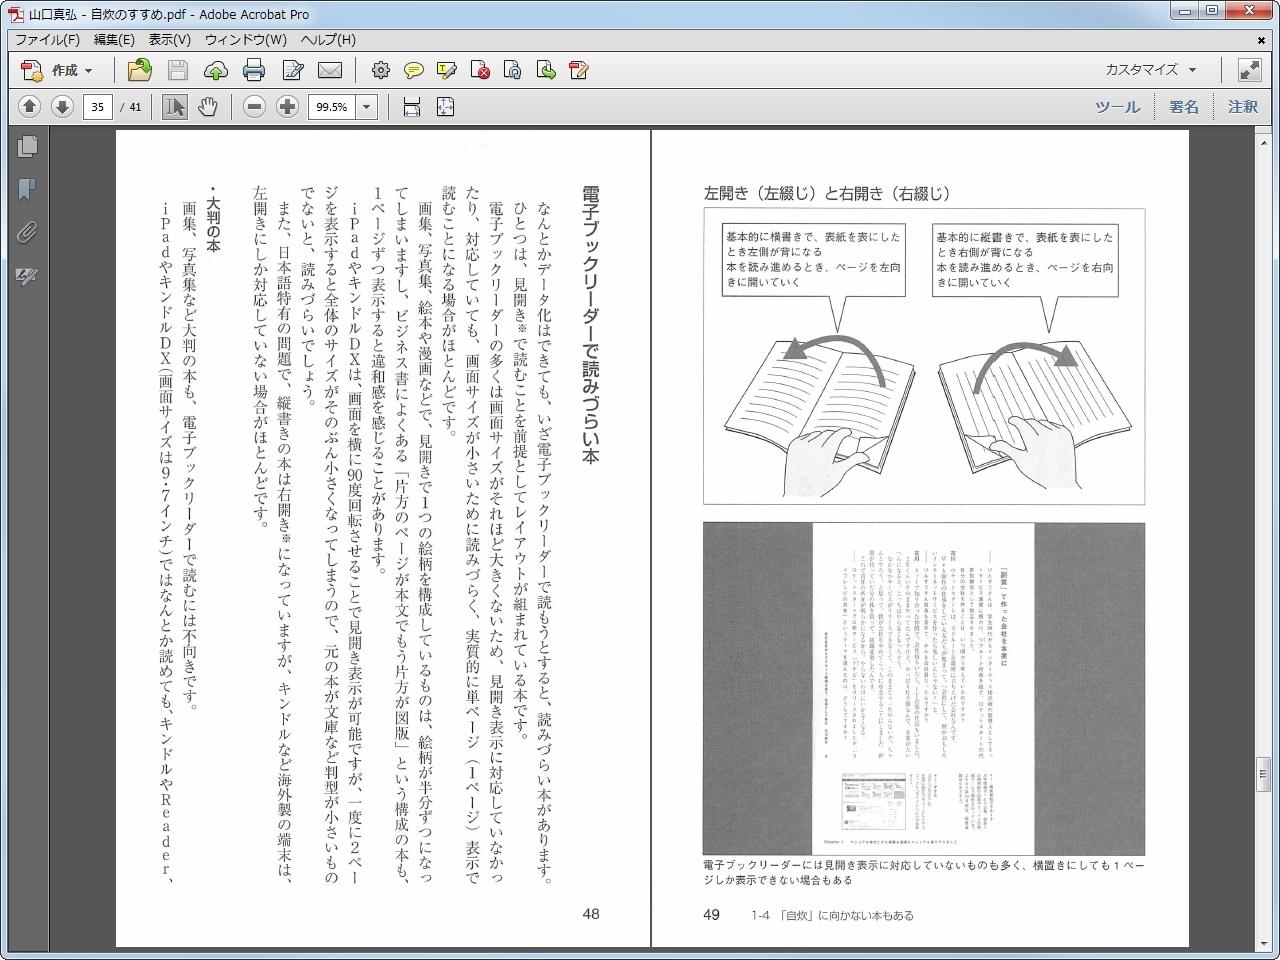 pdf ファイル 生成 php